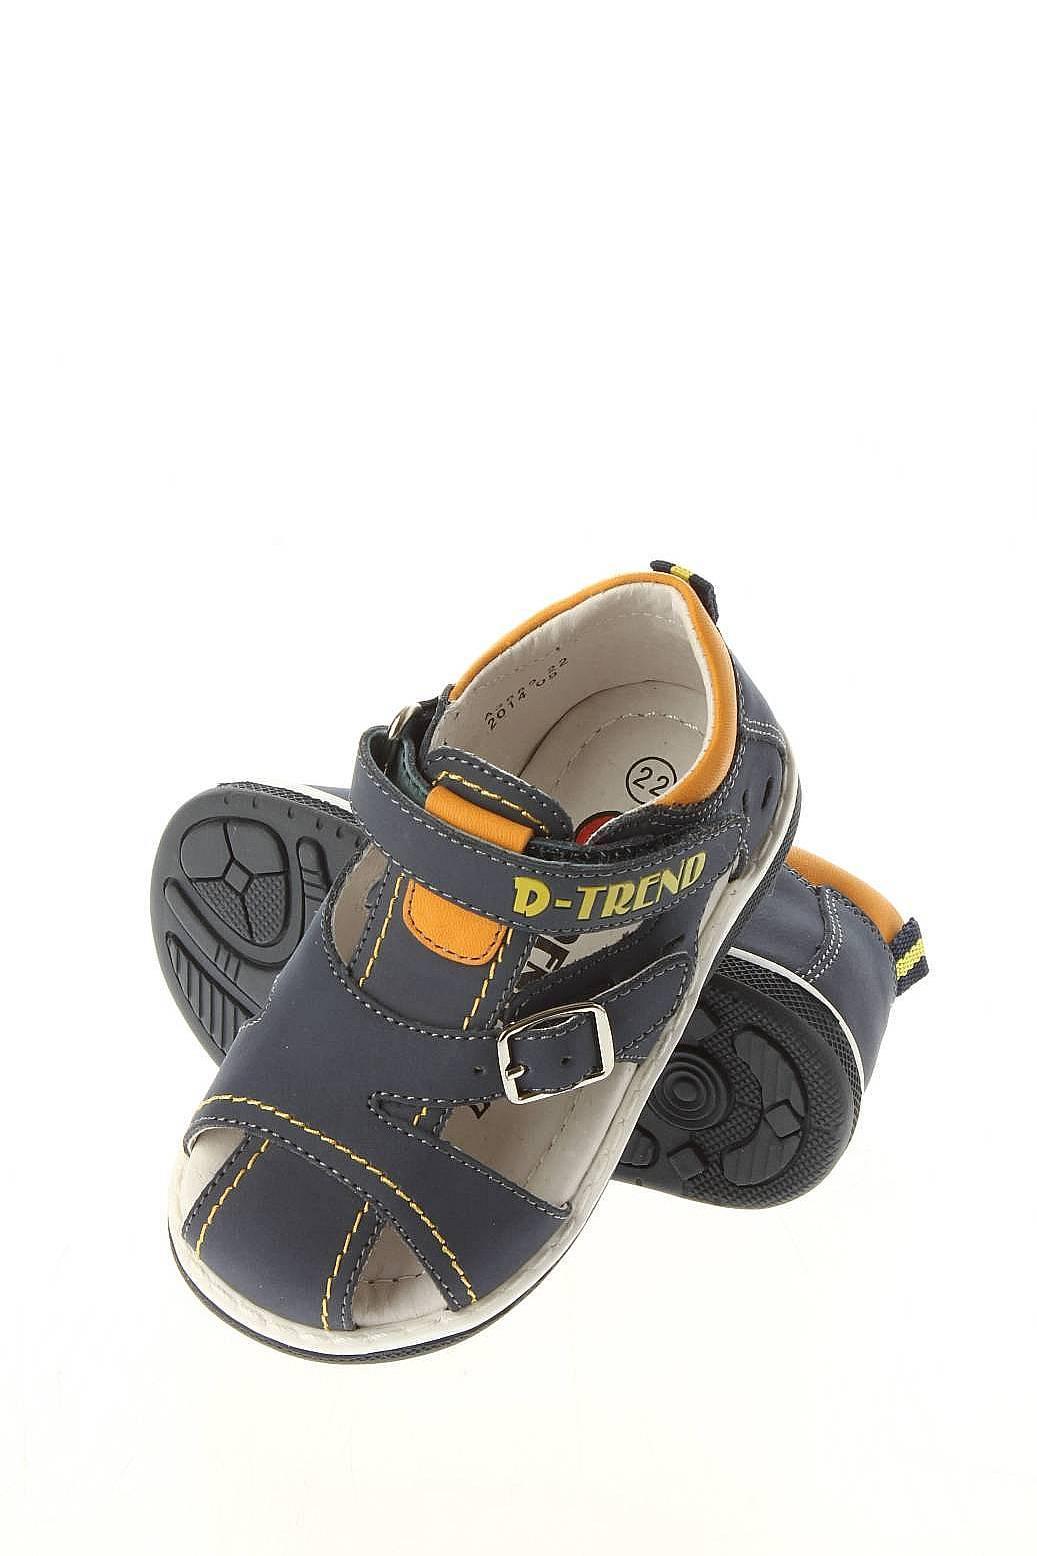 Мужская Обувь Детская Обувь Сандалии: Dummi Trend Обувь